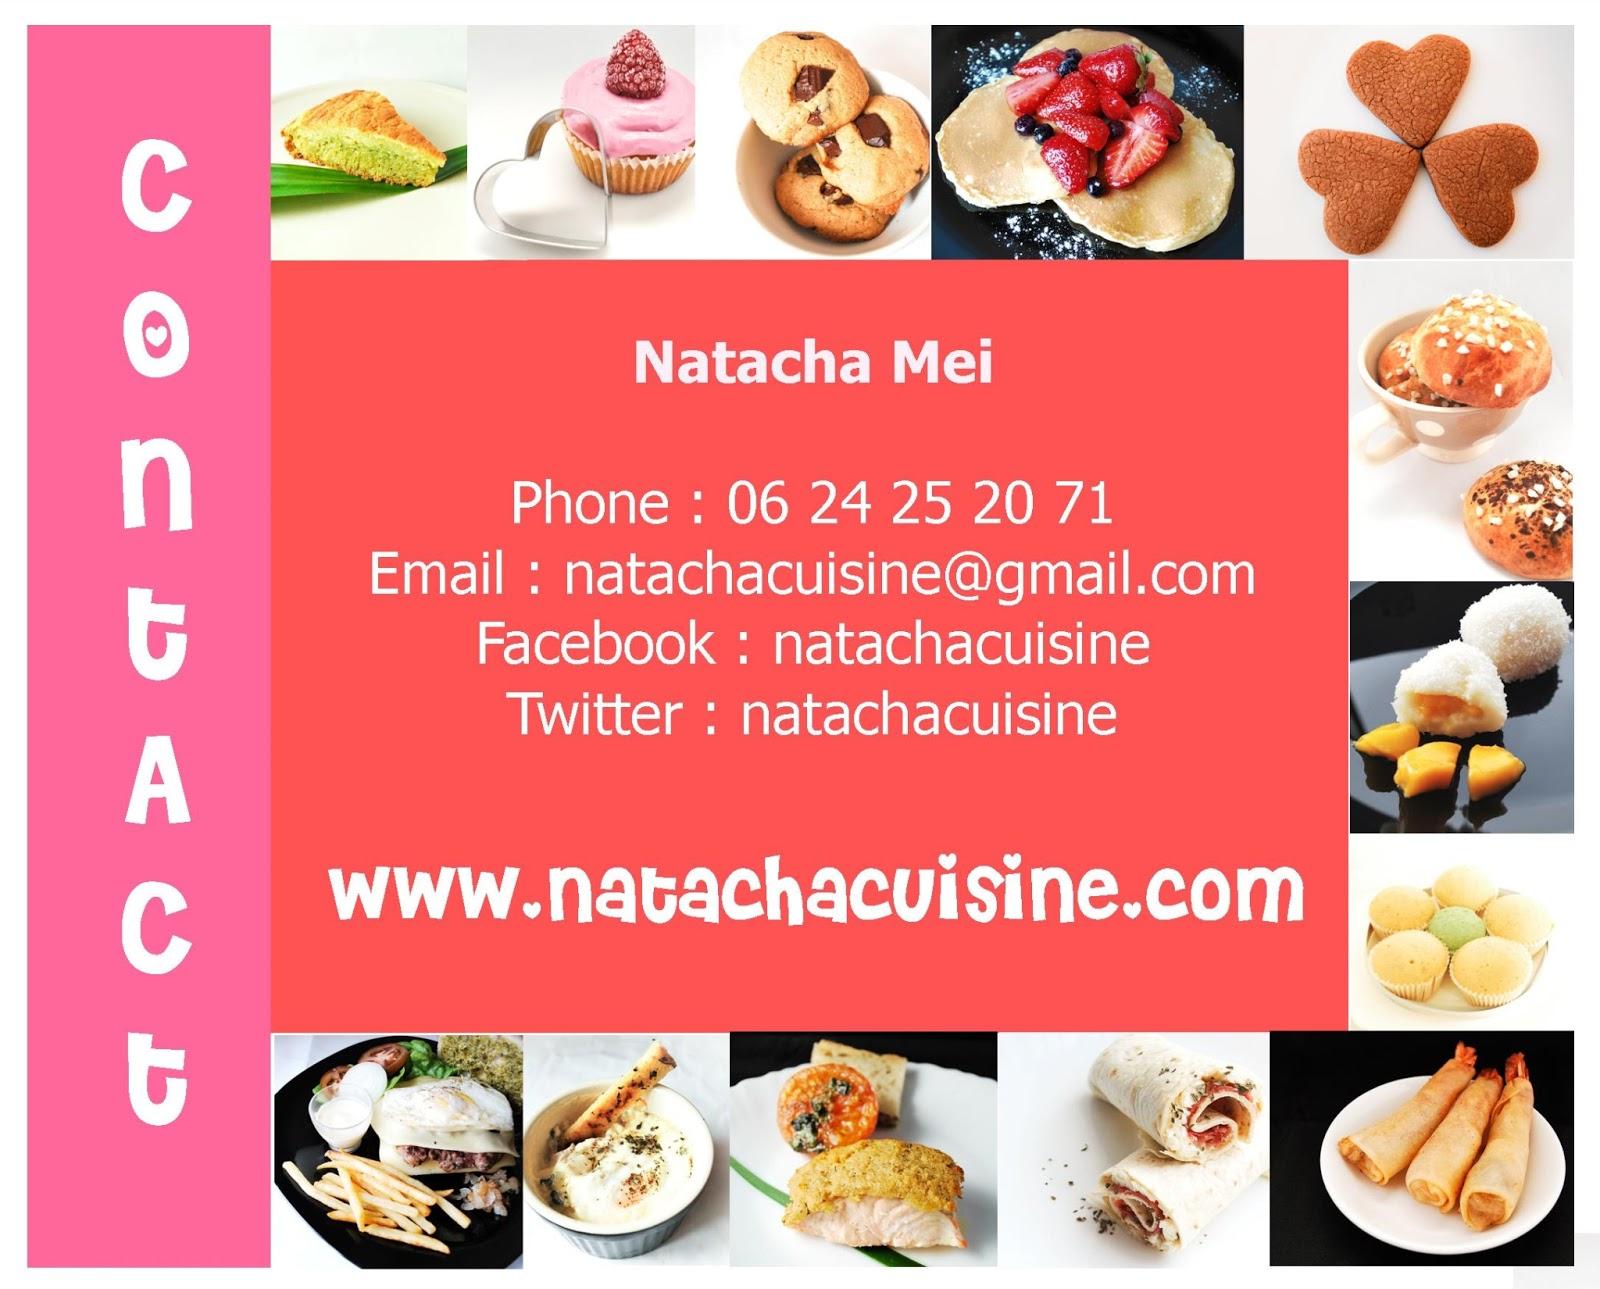 Natachacuisine Propose Des Cours De Cuisine Ou Prestations Professionnelles Animation Dvnement Commande Gteaux Rdaction Darticles